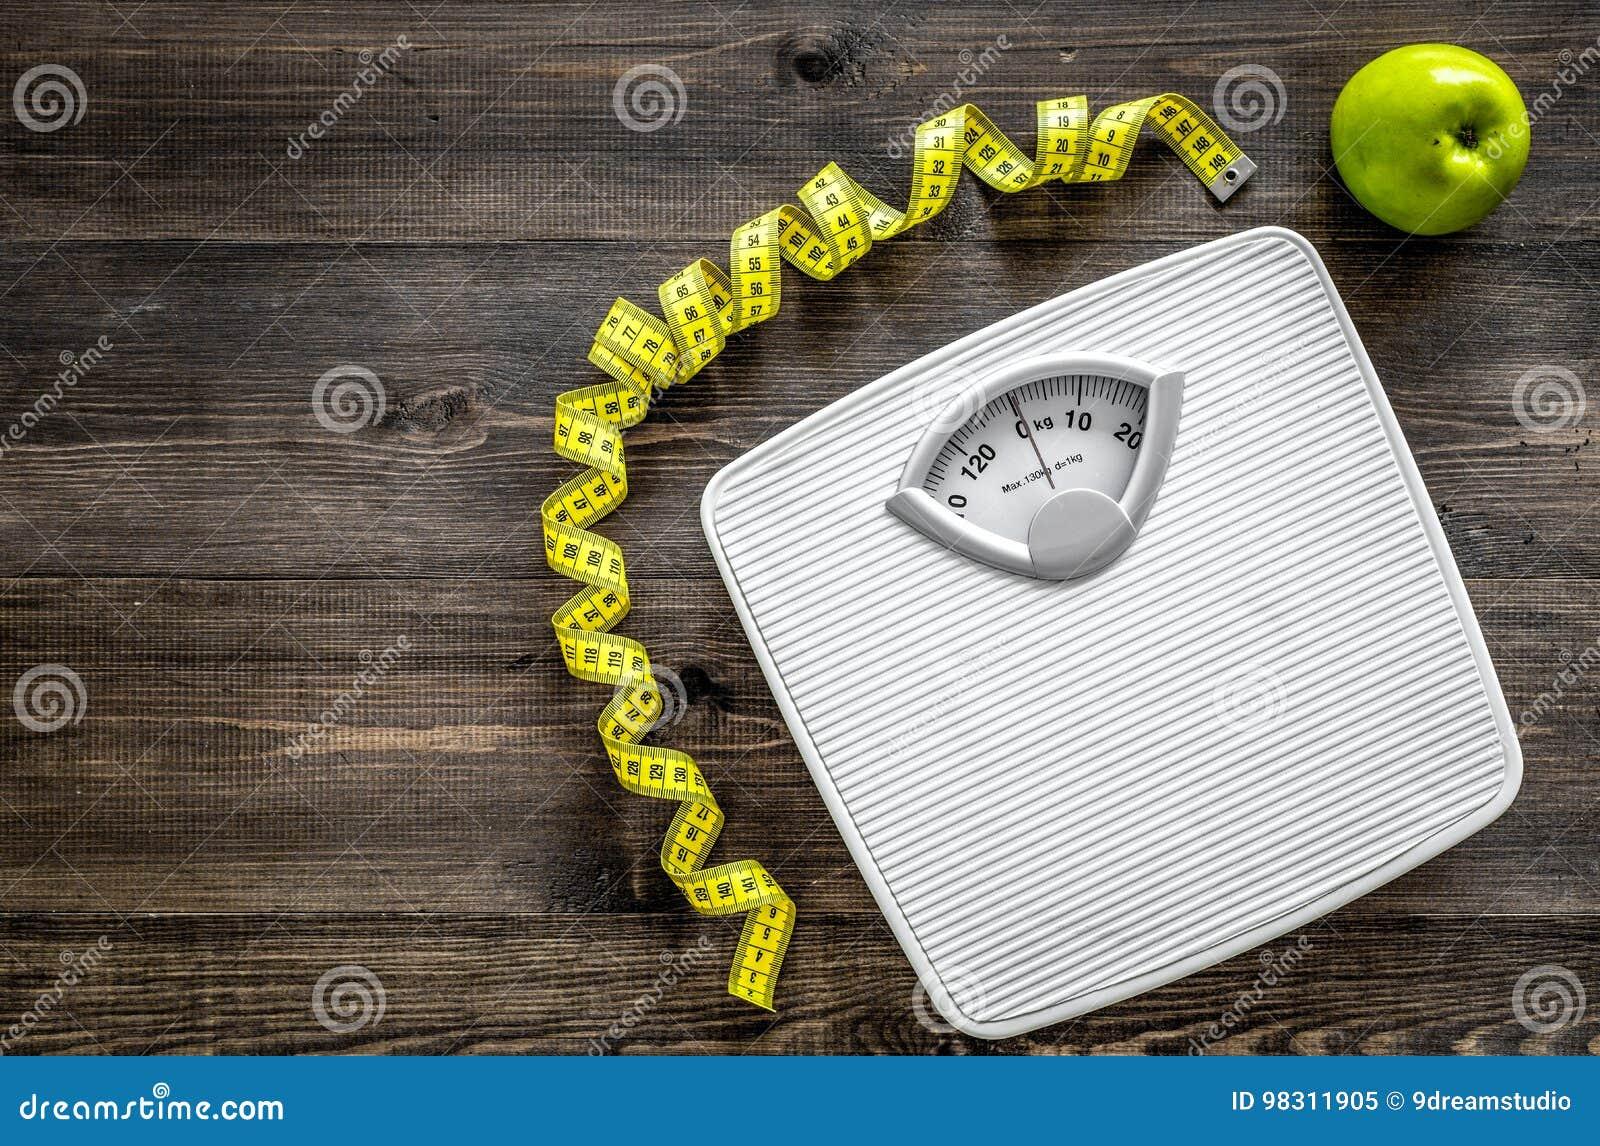 изолированный зеленый цвет принципиальной схемы пачки спаржи теряет вес ленты Масштаб ванной комнаты, измеряя лента, яблоки на де